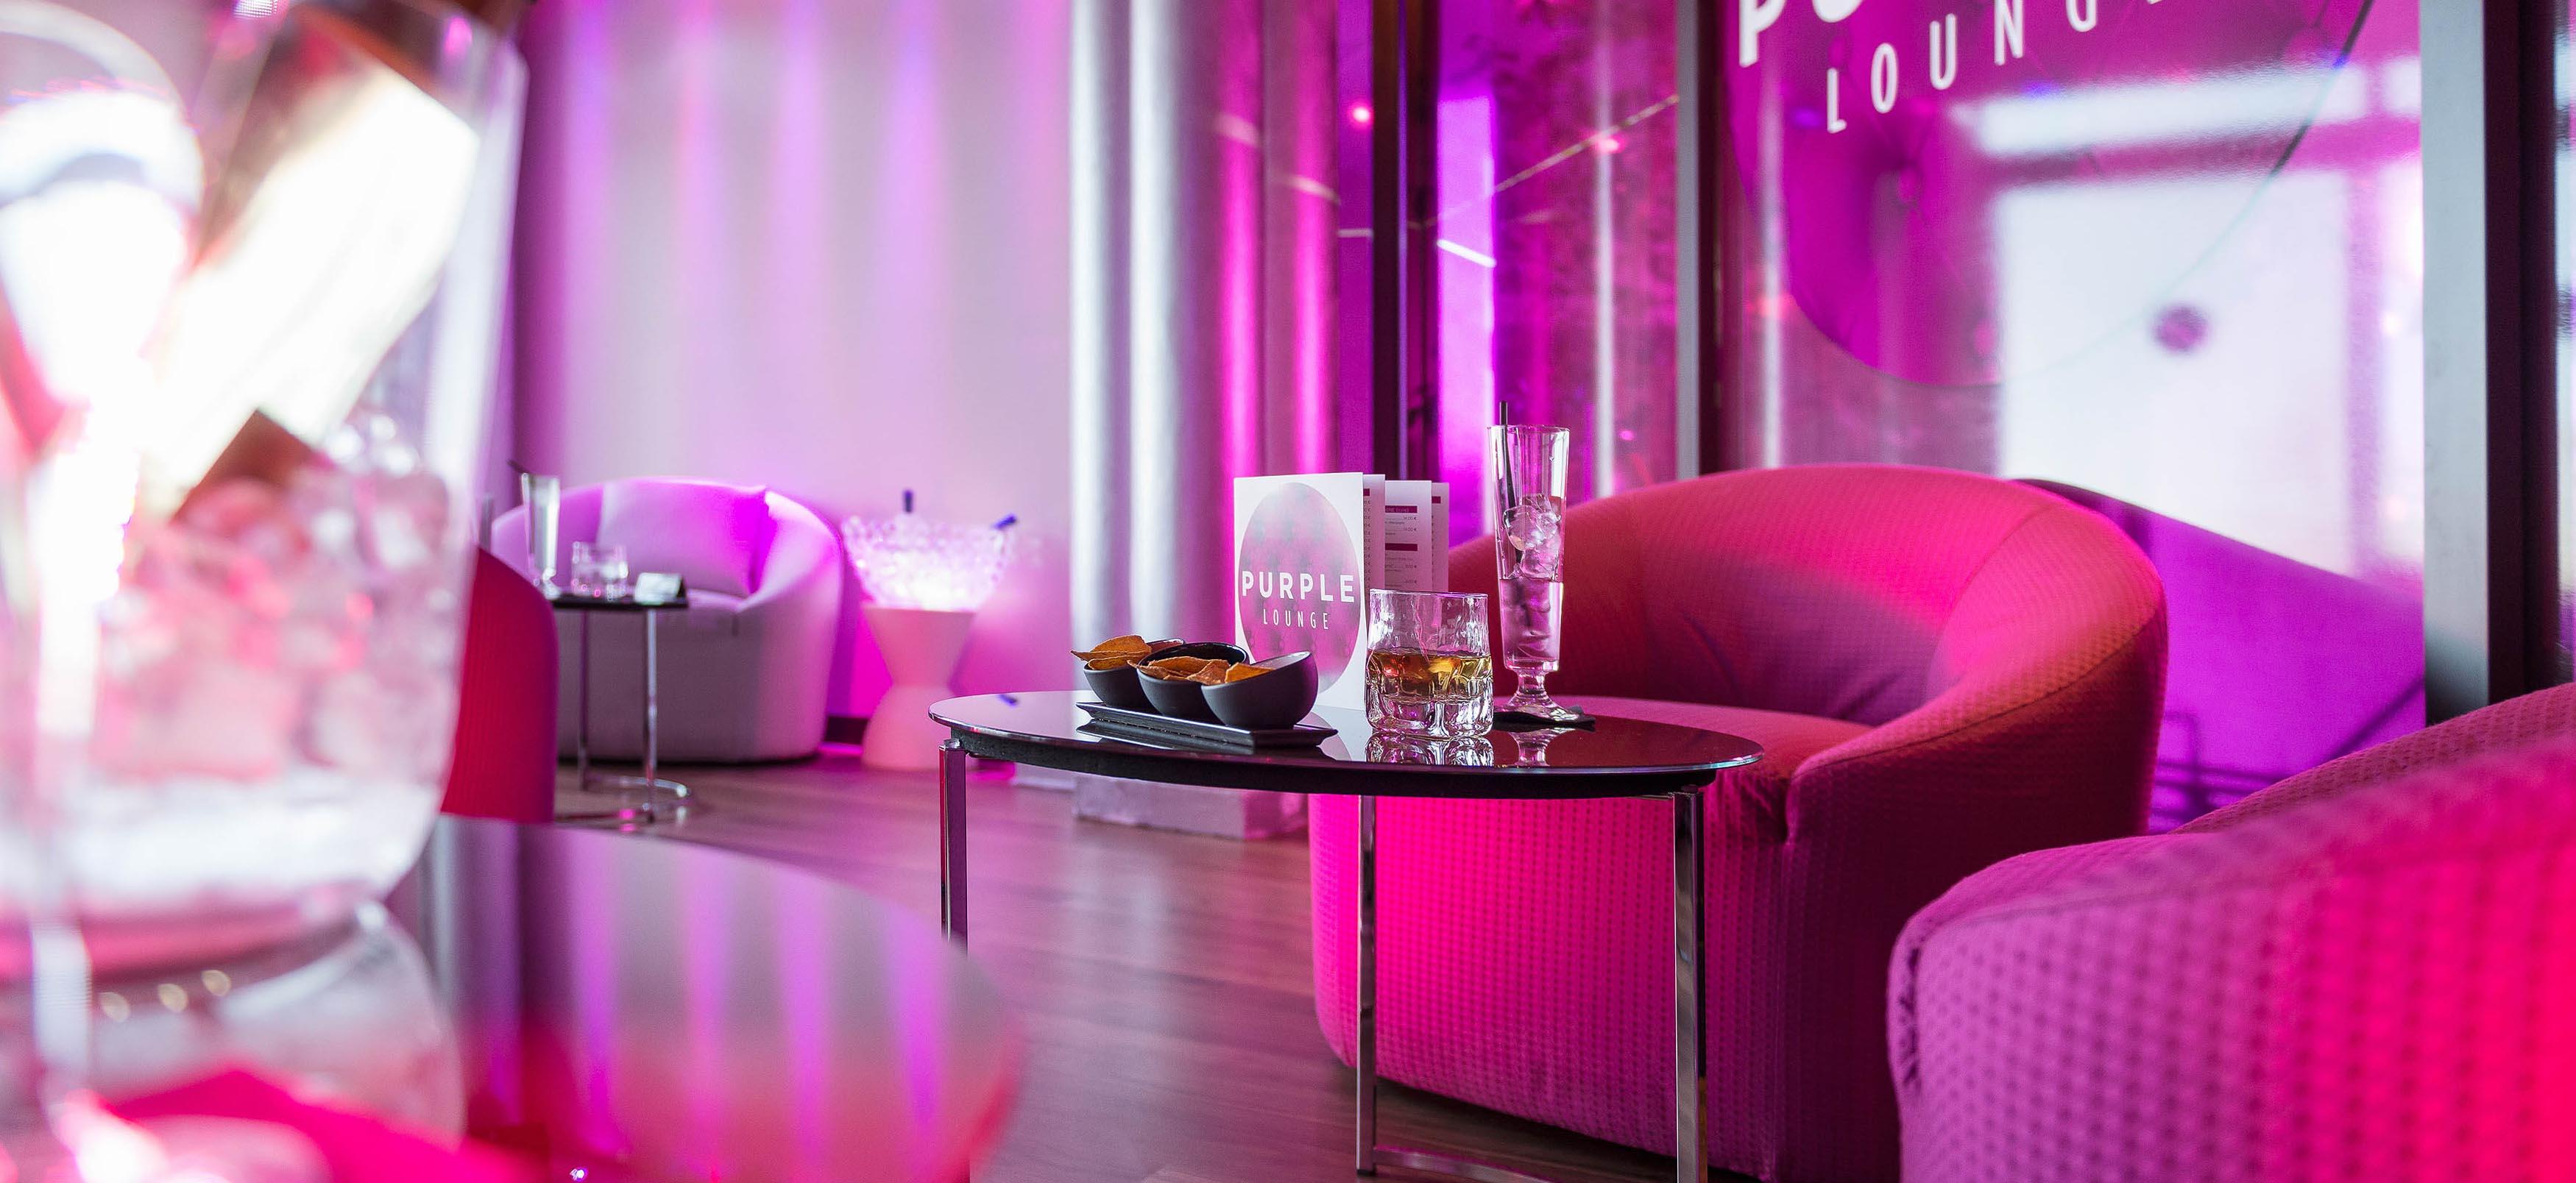 bars in evian prestige cocktails and afterwork. Black Bedroom Furniture Sets. Home Design Ideas